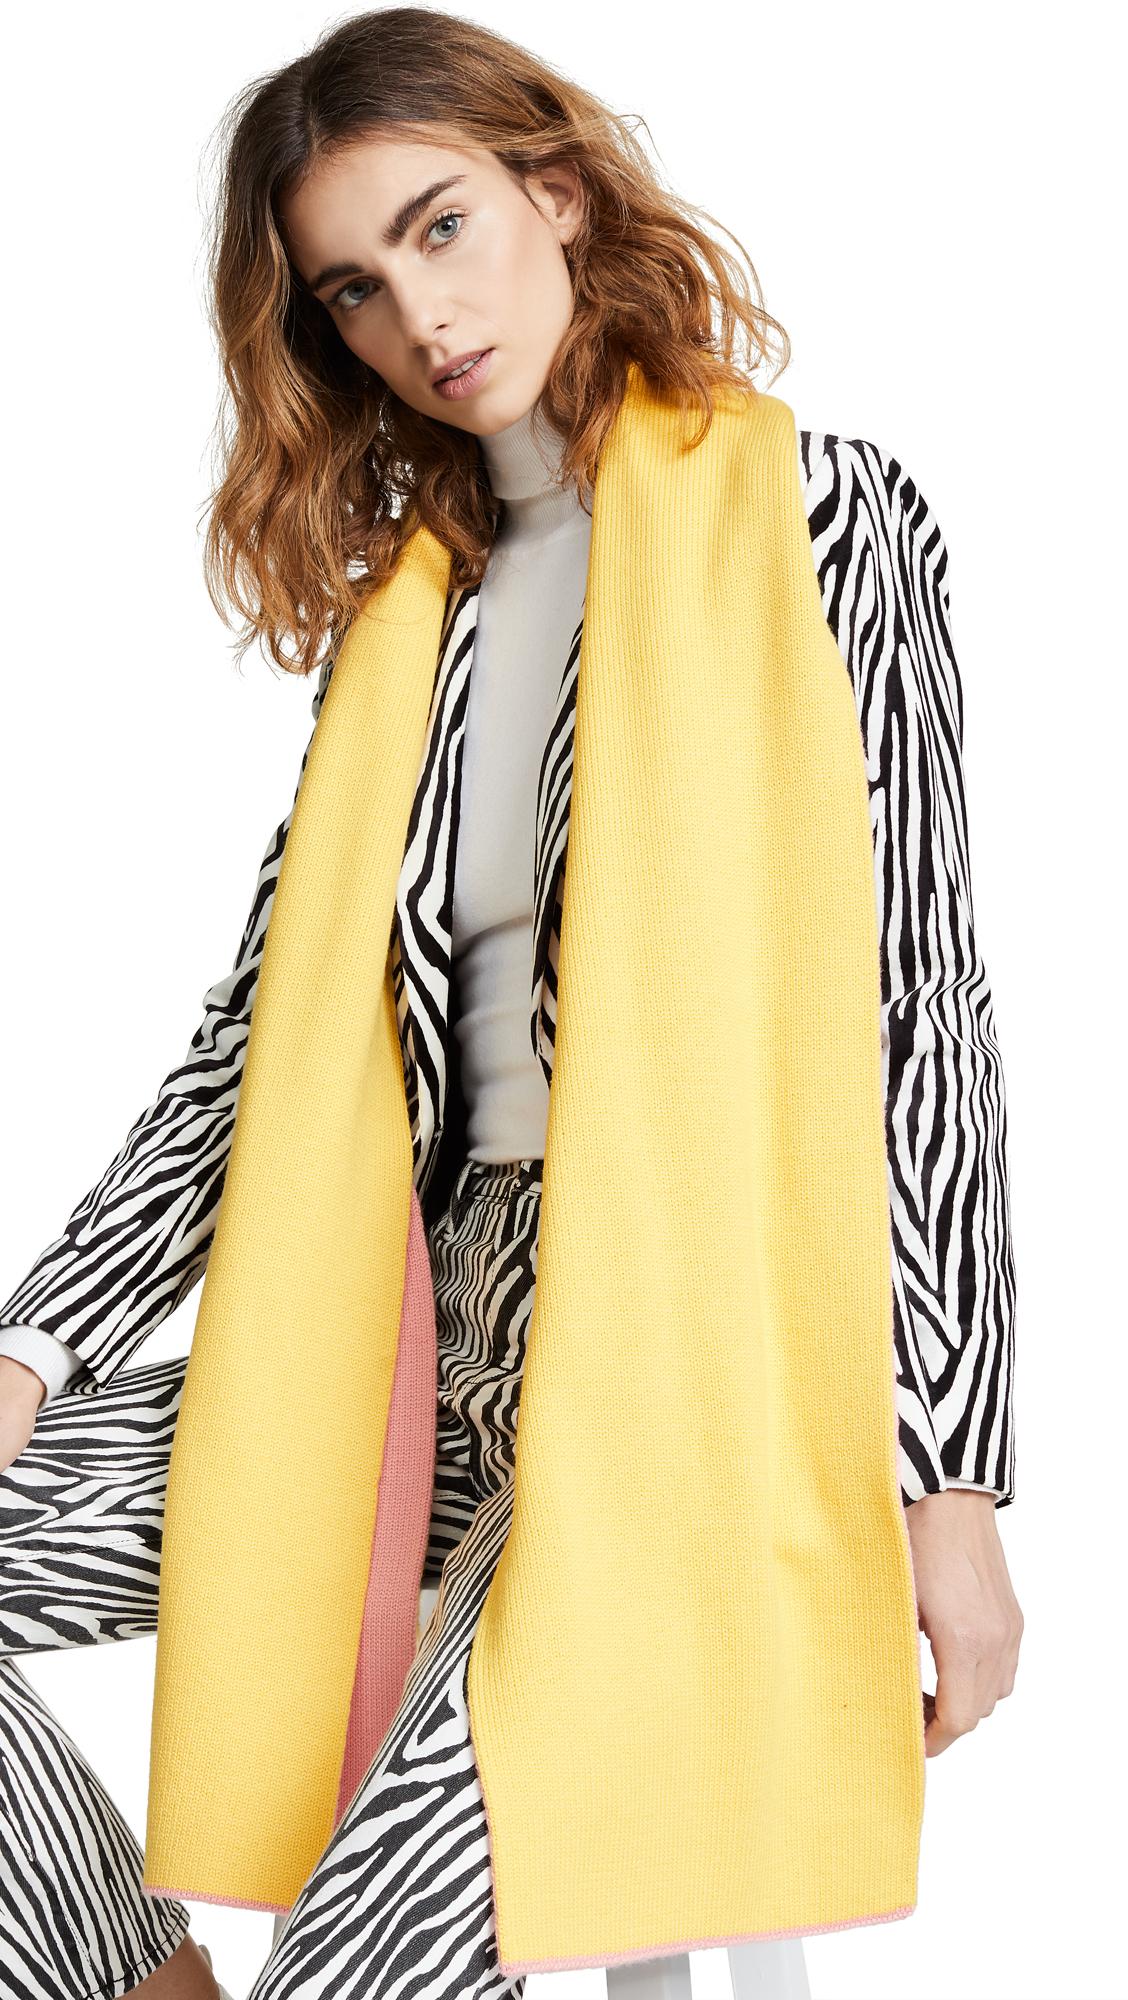 Tibi Reversible Double Jacquard Wool Scarf - Pink/Yellow